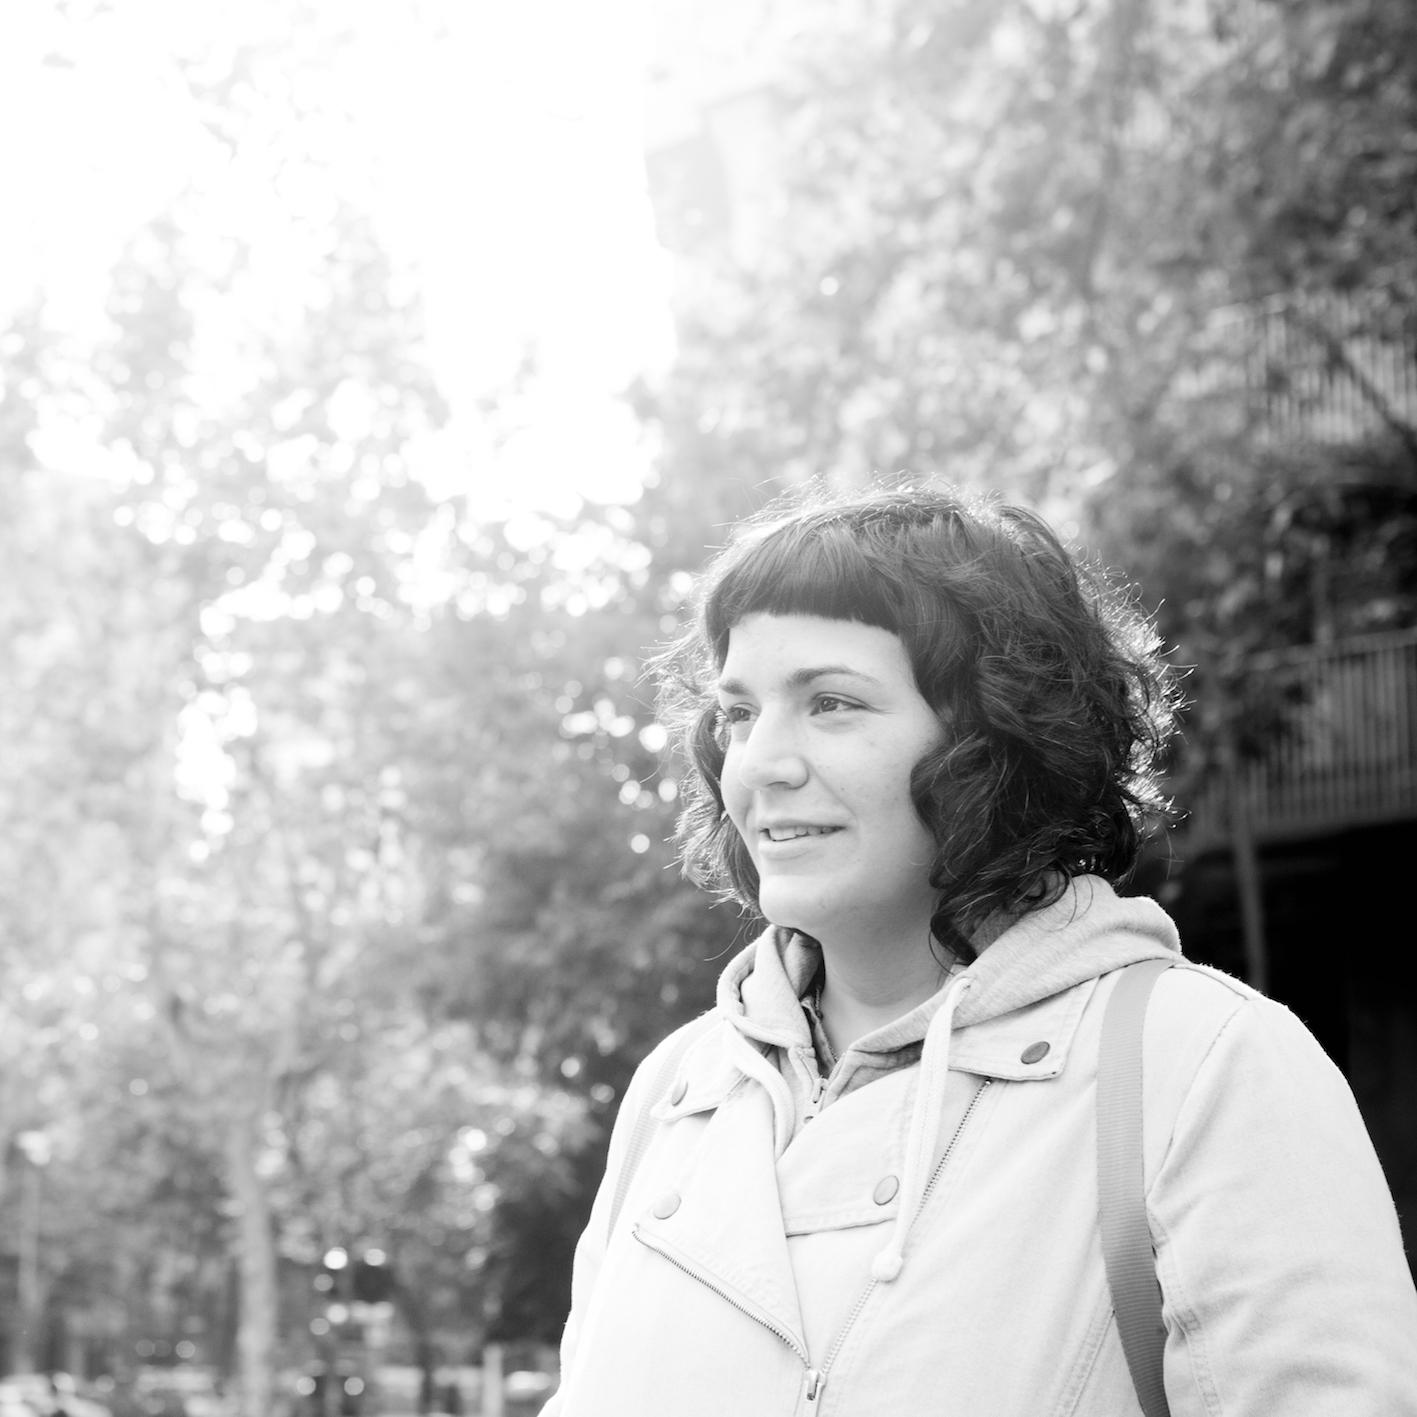 Portrait Laia Ribas Valls